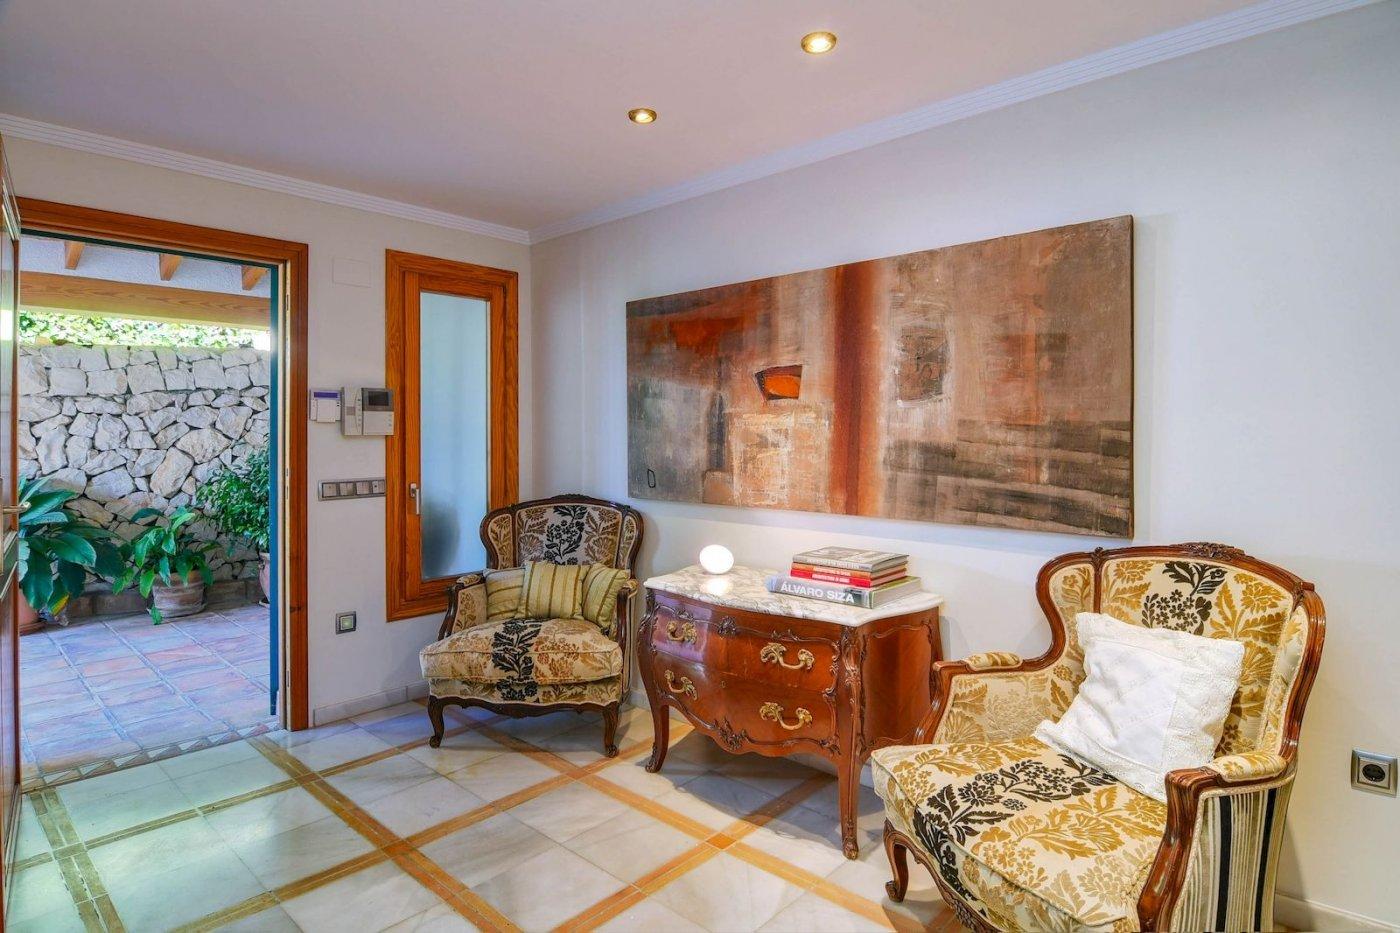 Exclusiva villa de lujo en venta en primera línea de la costa de Benissa con increíbles vistas al ma